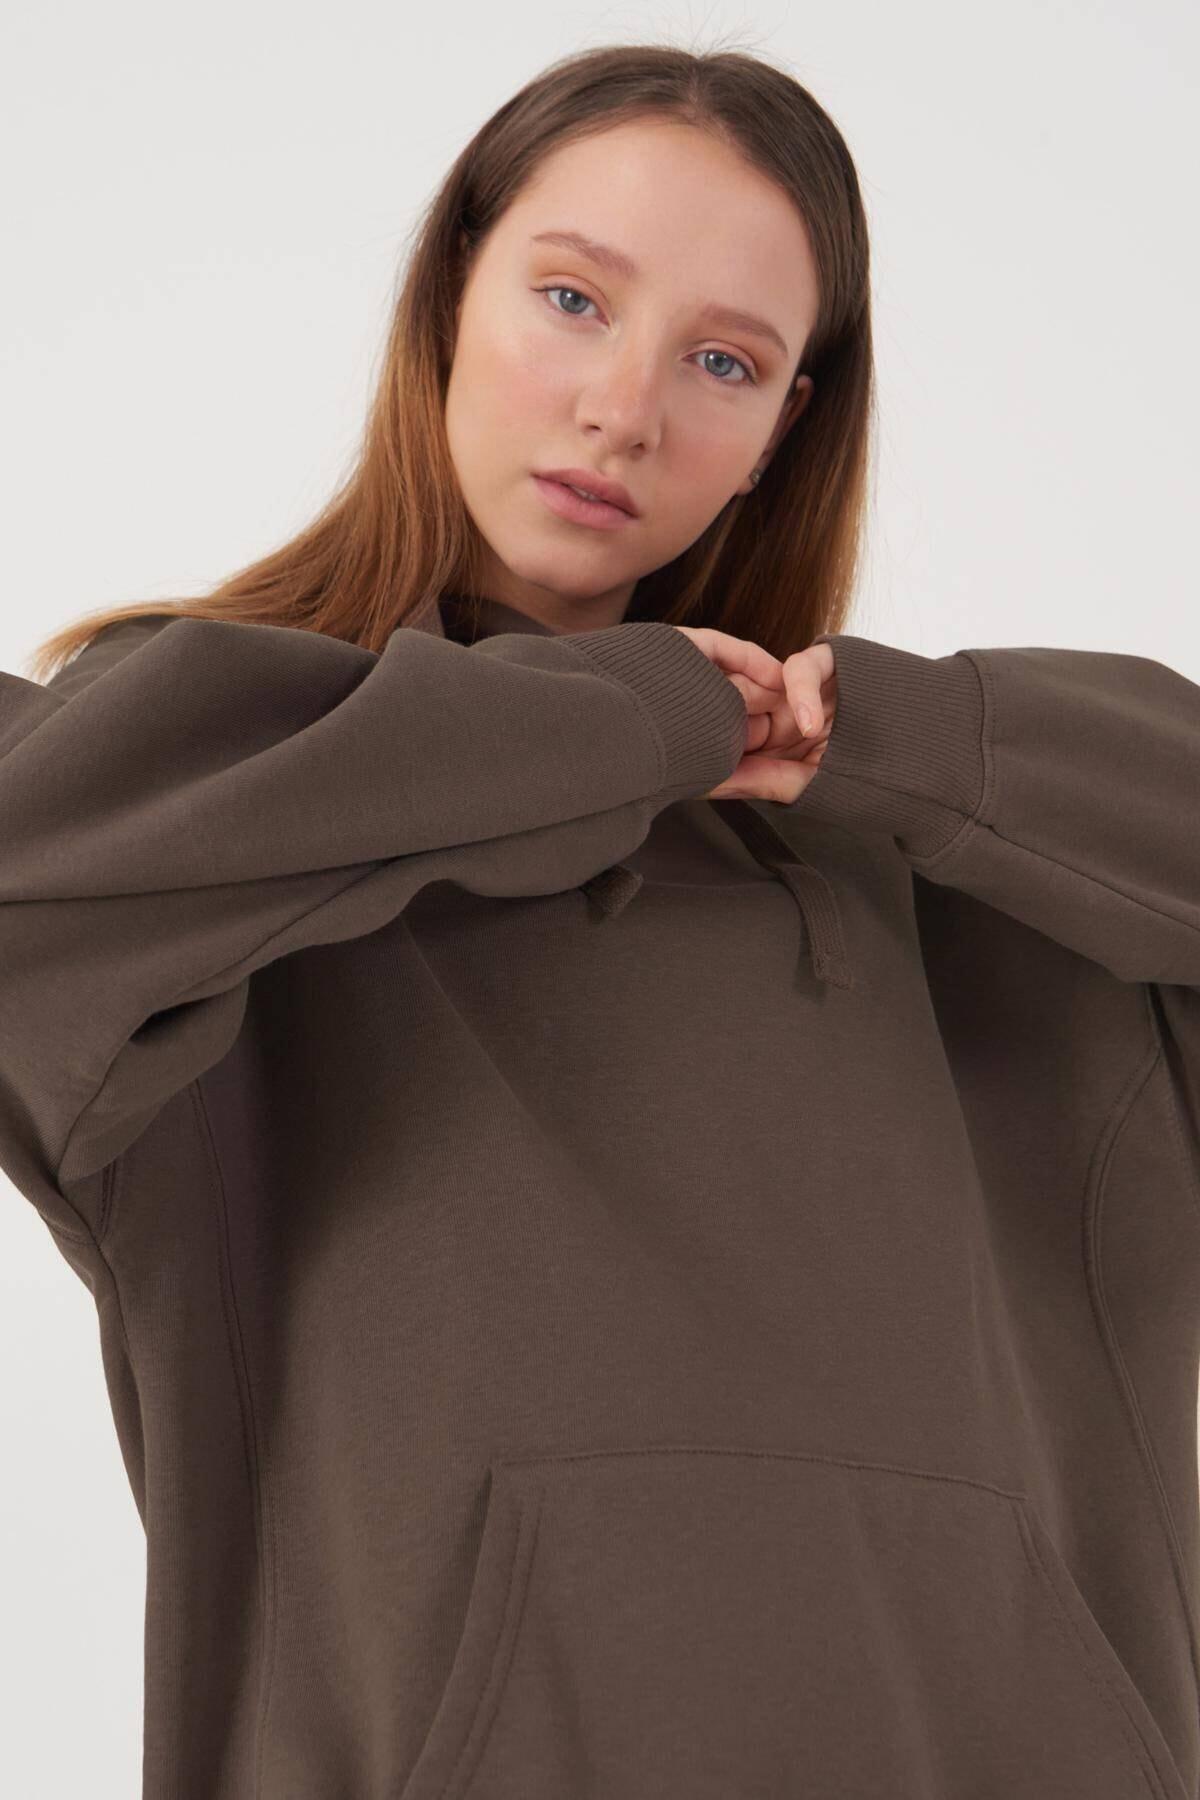 Addax Kadın Vizon Kapüşonlu Sweatshirt S0519 - P10V1 Adx-0000014040 3